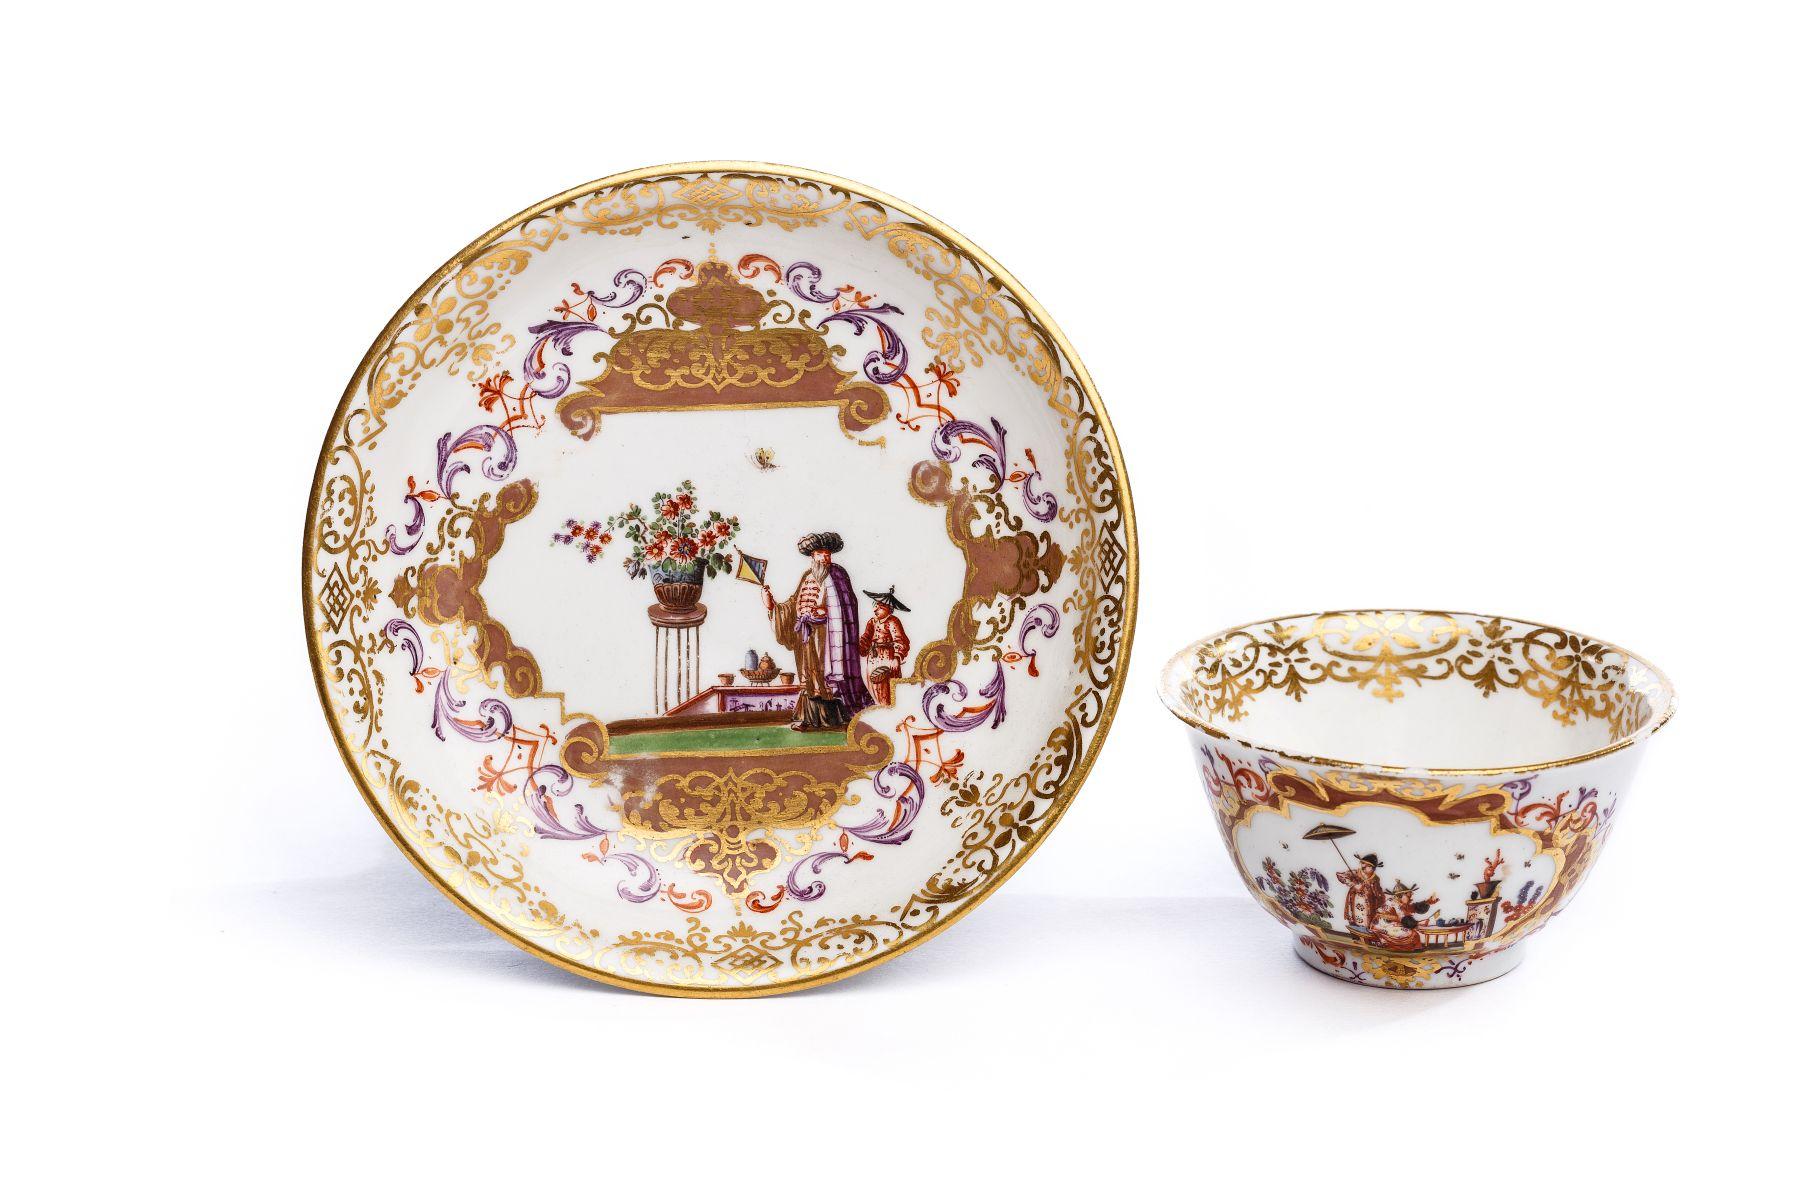 #37 Bowl with saucer, Meissen 1725 | Koppchen mit Unterschale, Meissen 1725 Image